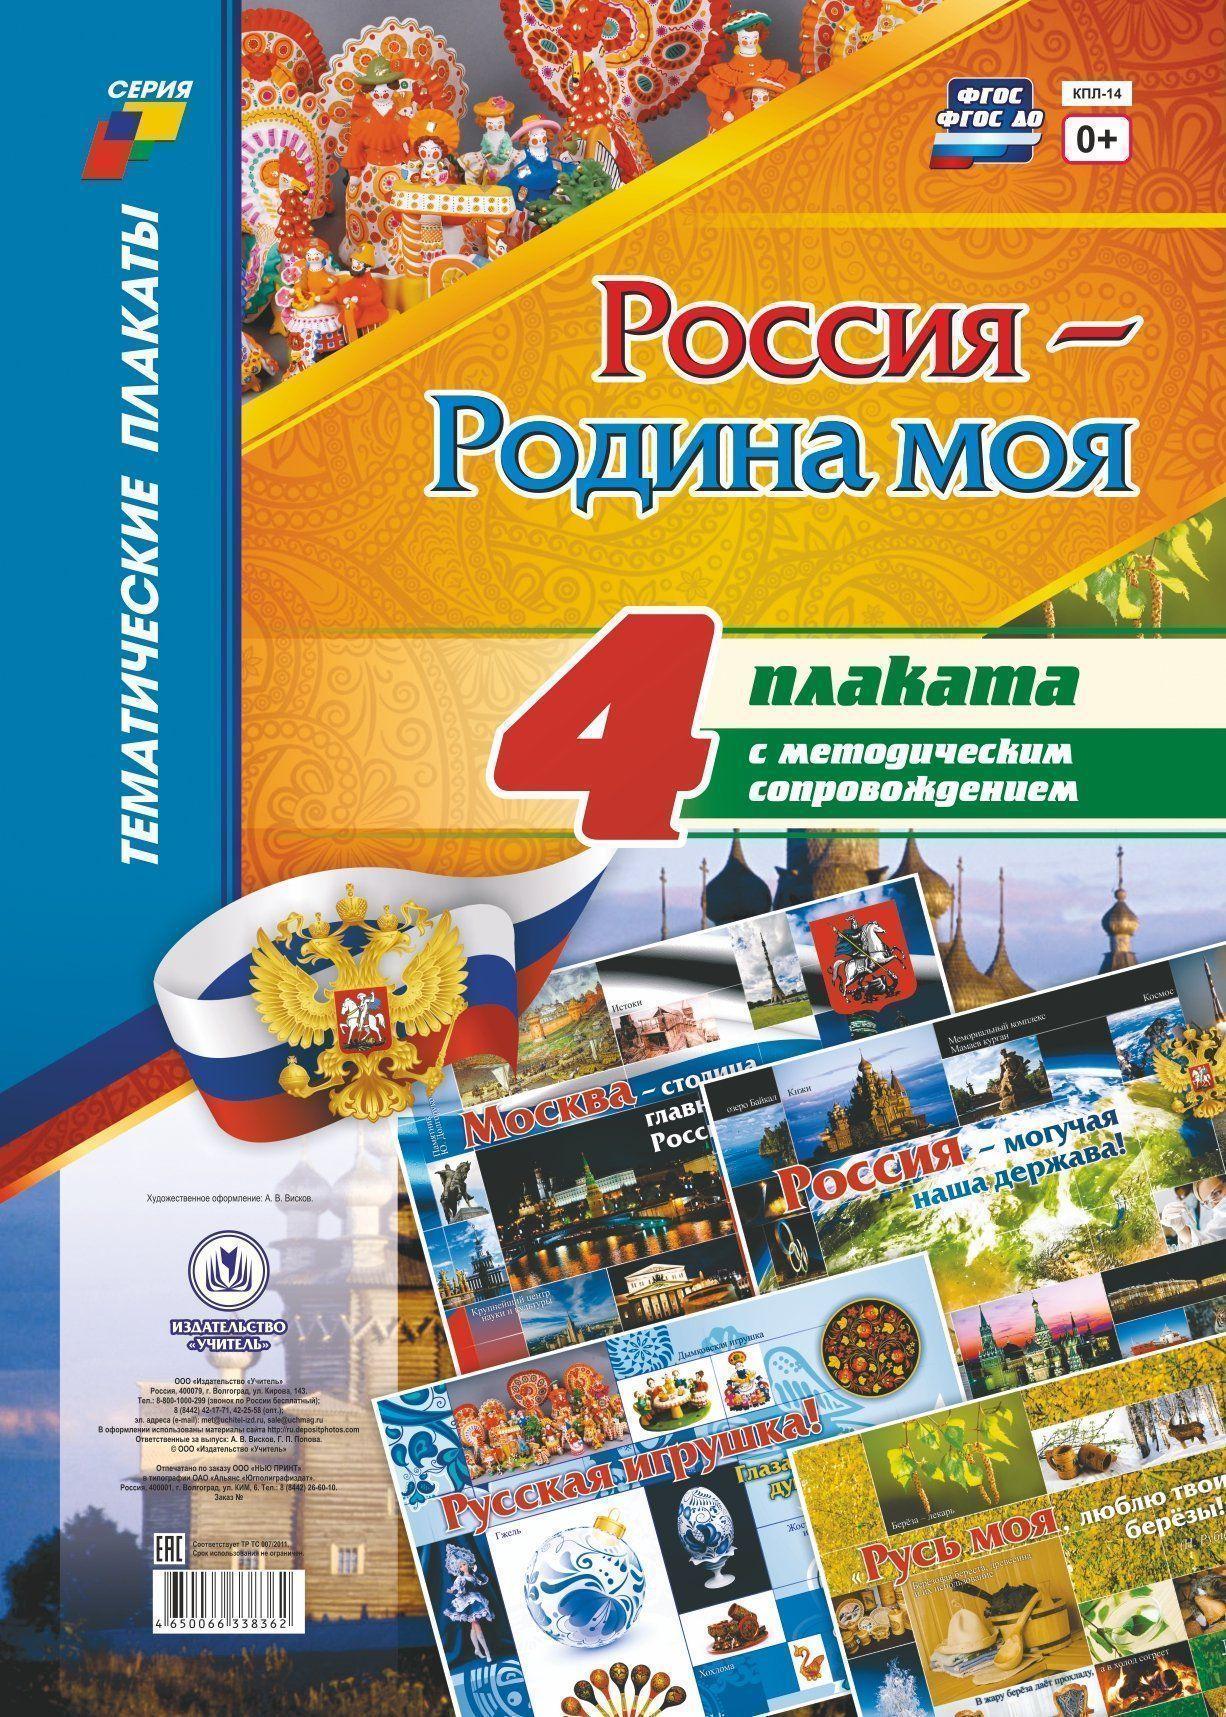 Комплект плакатов  Россия - Родина моя: 4 плаката с методическим сопровождениемИнформационно-деловое оснащение ДОО<br>.<br><br>Год: 2017<br>Серия: Тематические плакаты<br>Высота: 297<br>Ширина: 420